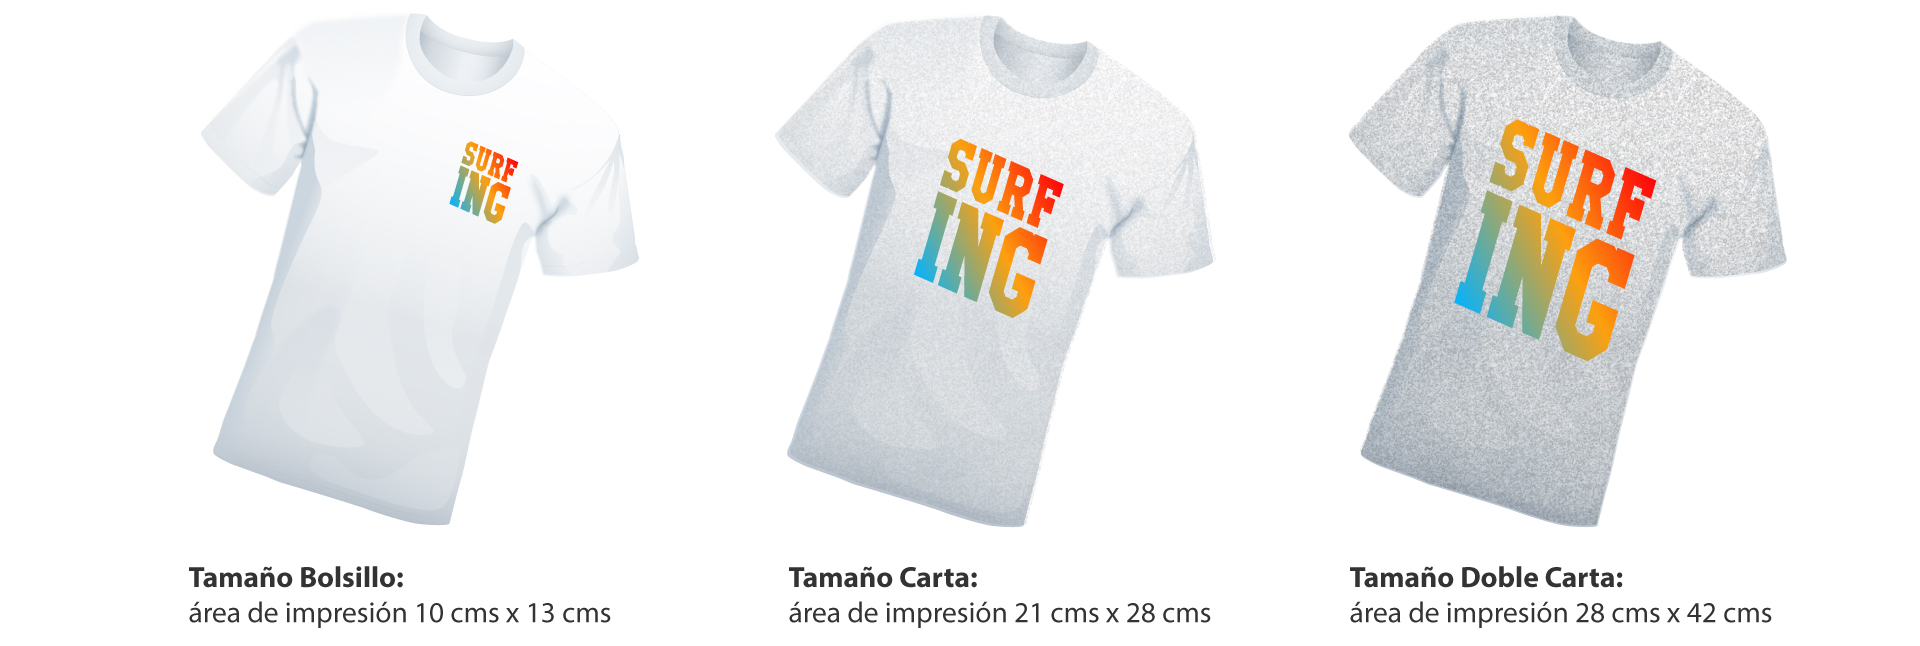 04607a0890c2b Estampado de Camisetas - Camisetas personalizadas